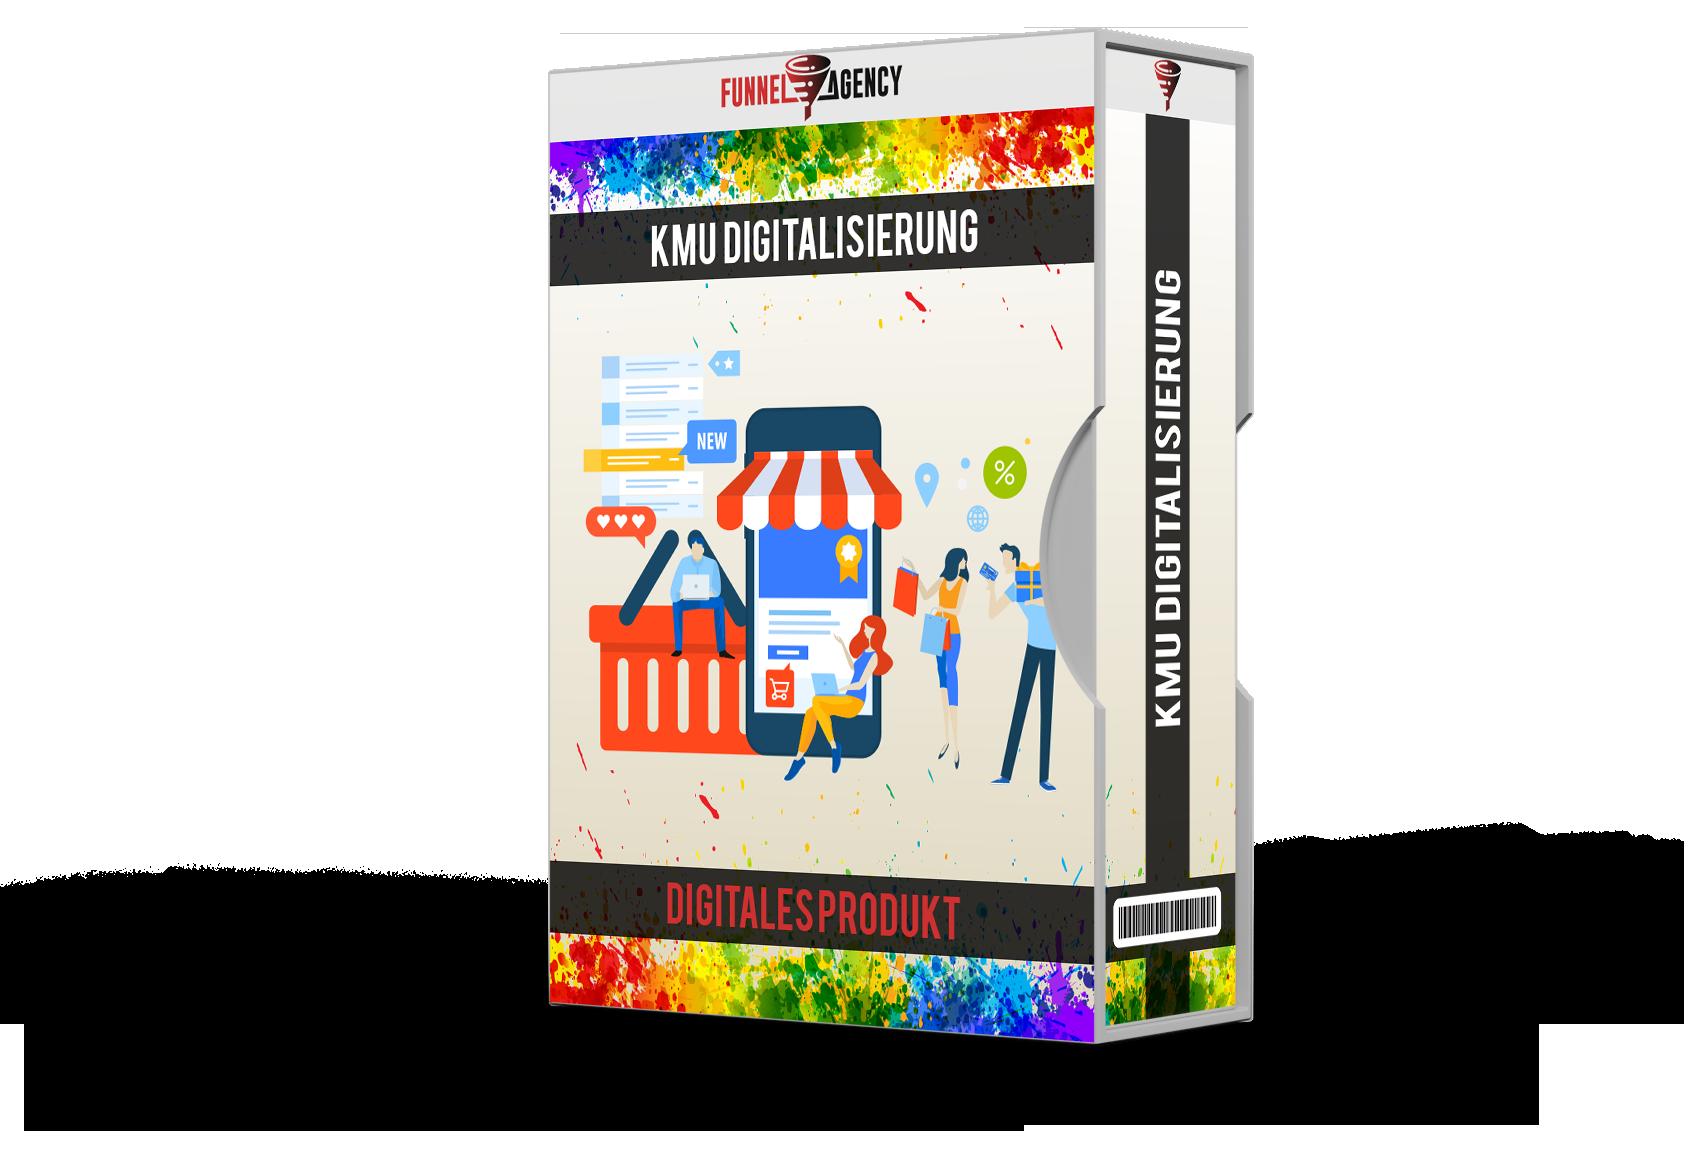 KMU Digitalisierung Für Kleinunternehmen Und Mittelstand Transparent